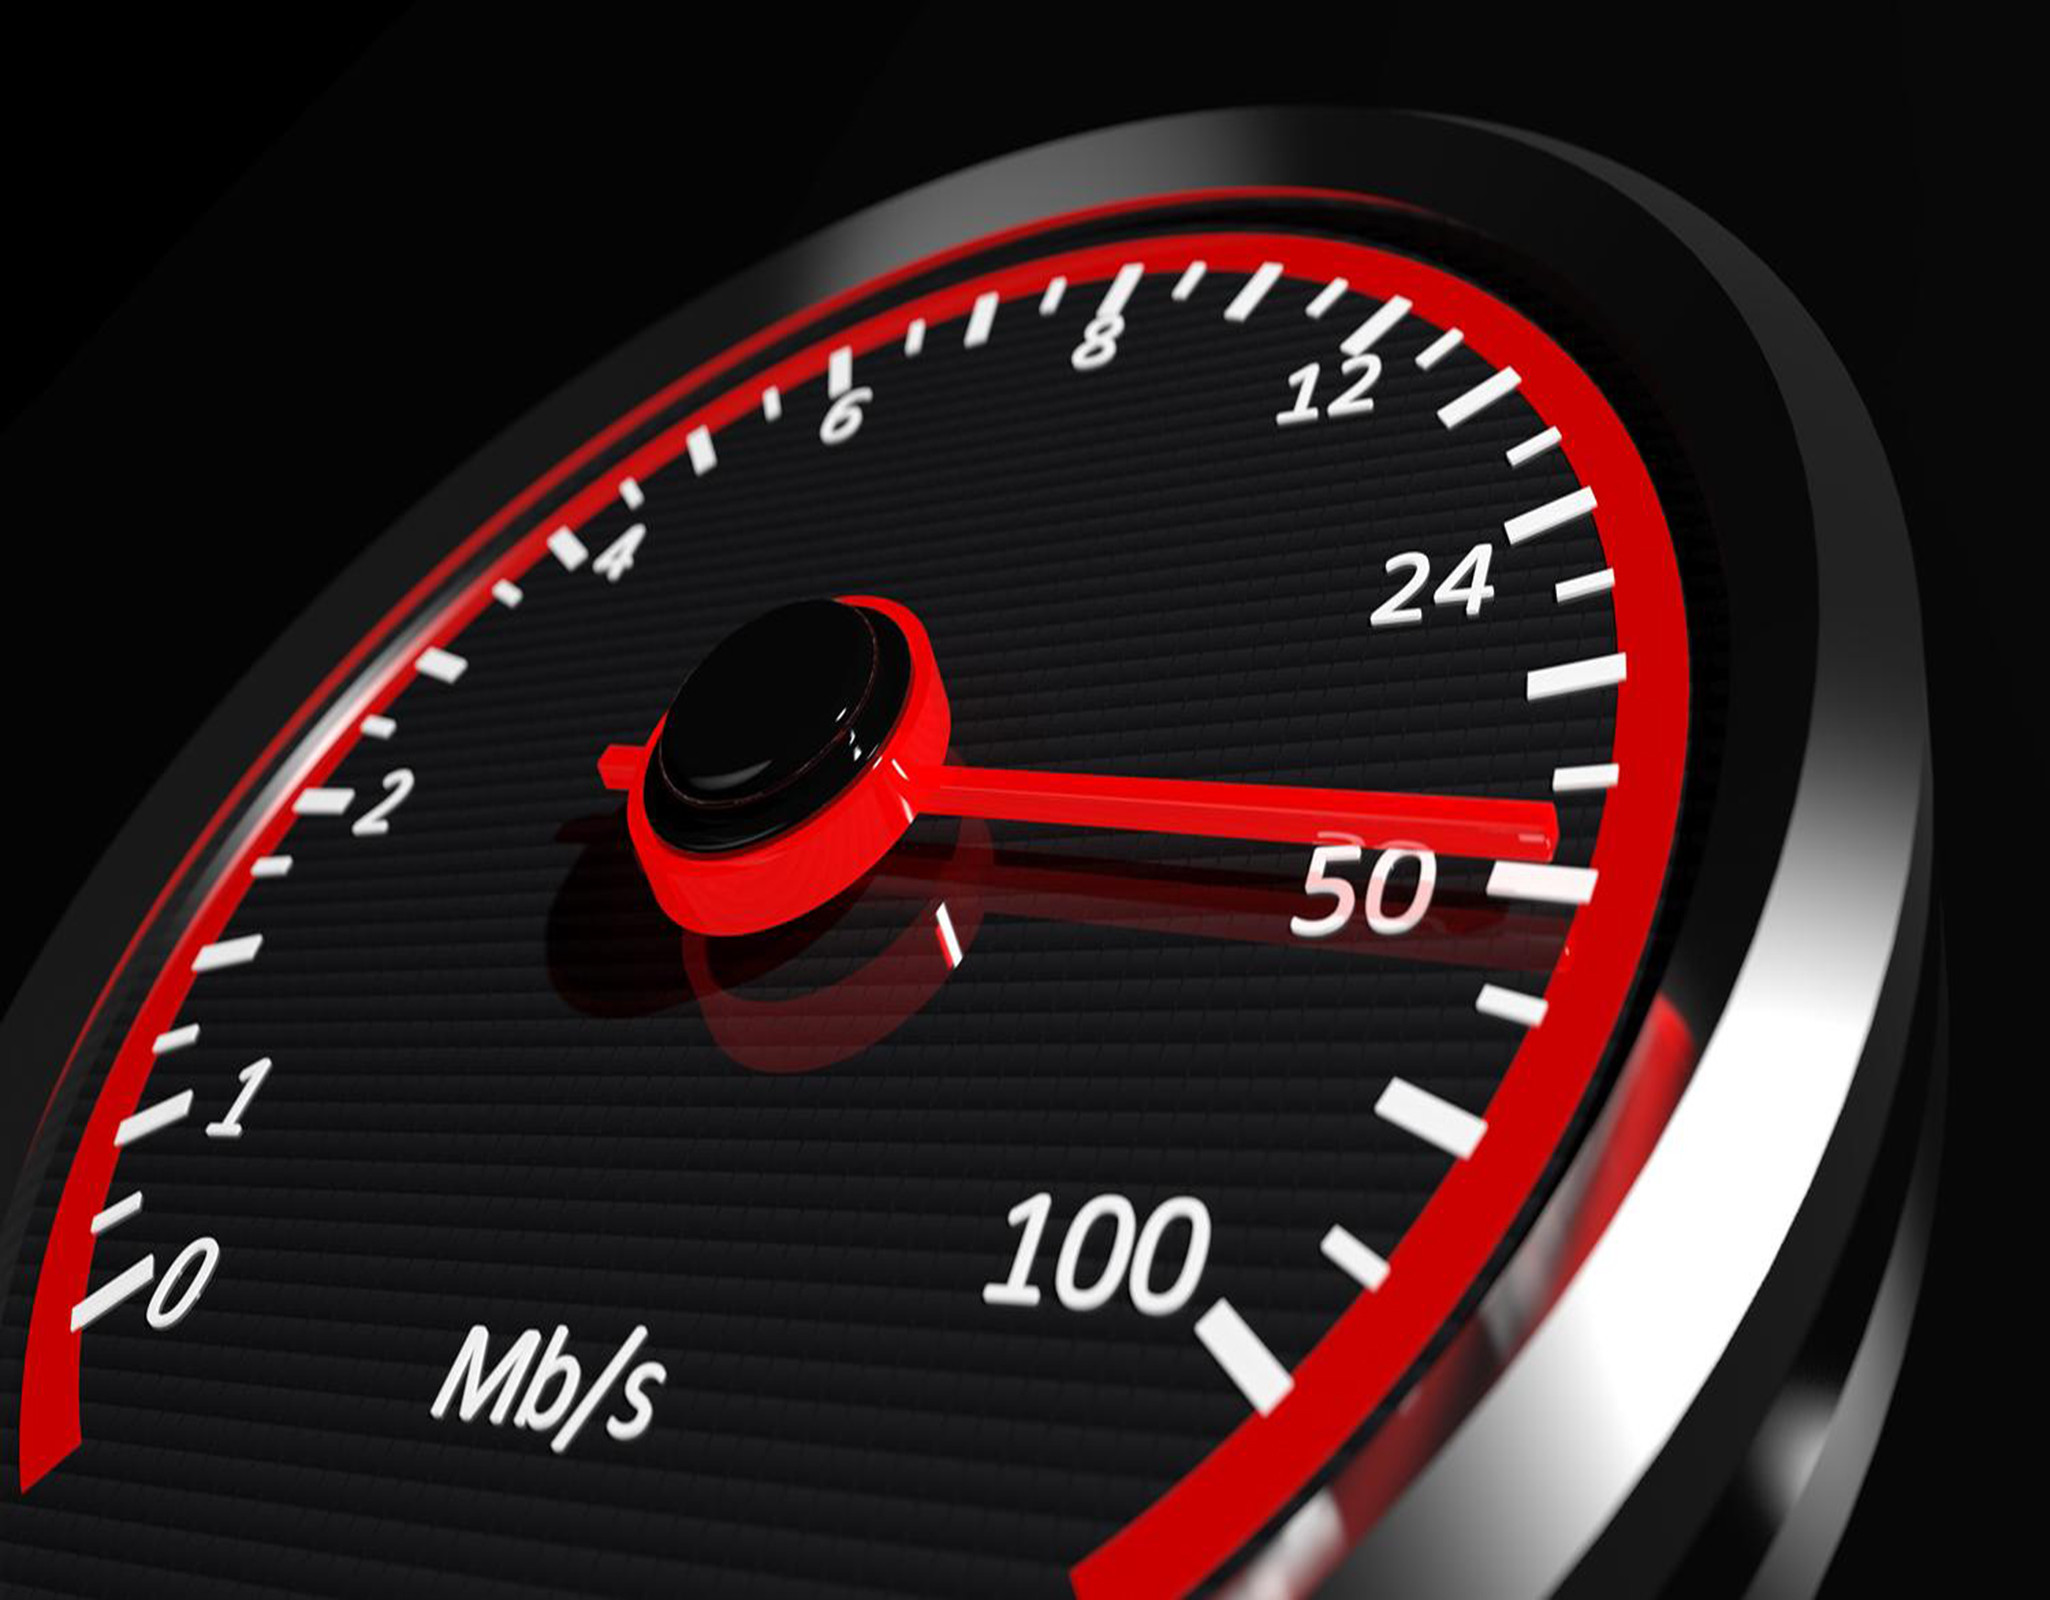 Telekomünikasyon Şirketlerinin İnternet Hızı Hilesi